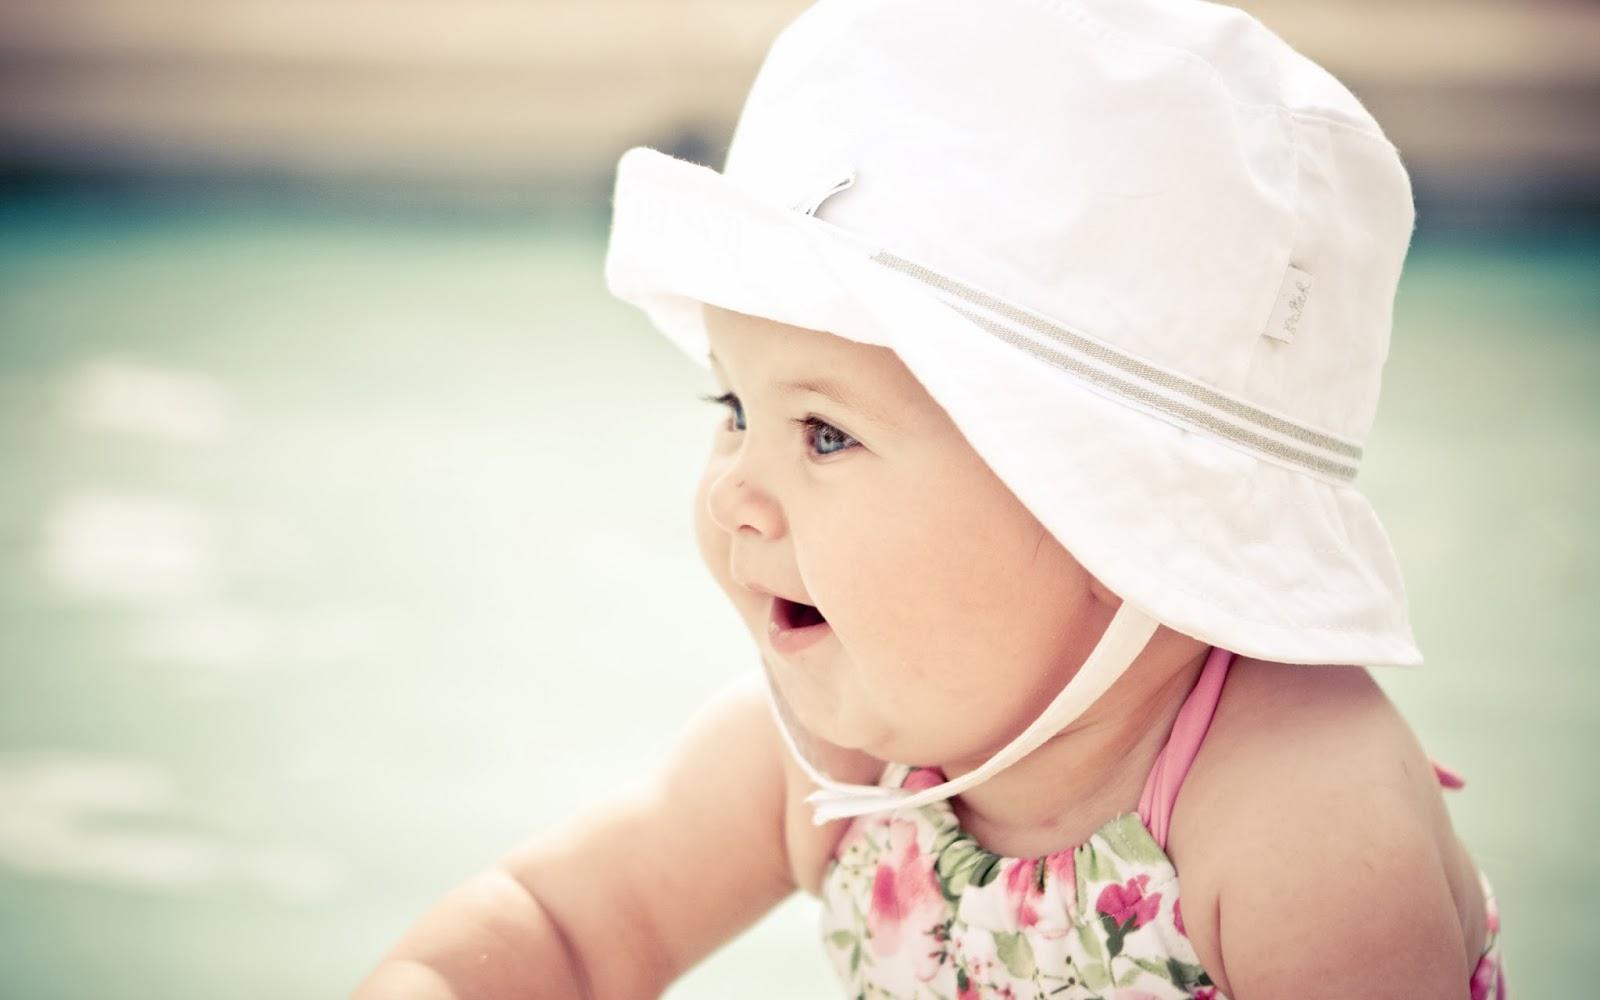 """<img src=""""http://2.bp.blogspot.com/-6M46TAAd8xU/UvPsd97rzgI/AAAAAAAAK_M/BpJkpVEFLCg/s1600/cute-baby-wallpaper.jpg"""" alt=""""cute baby wallpaper"""" />"""